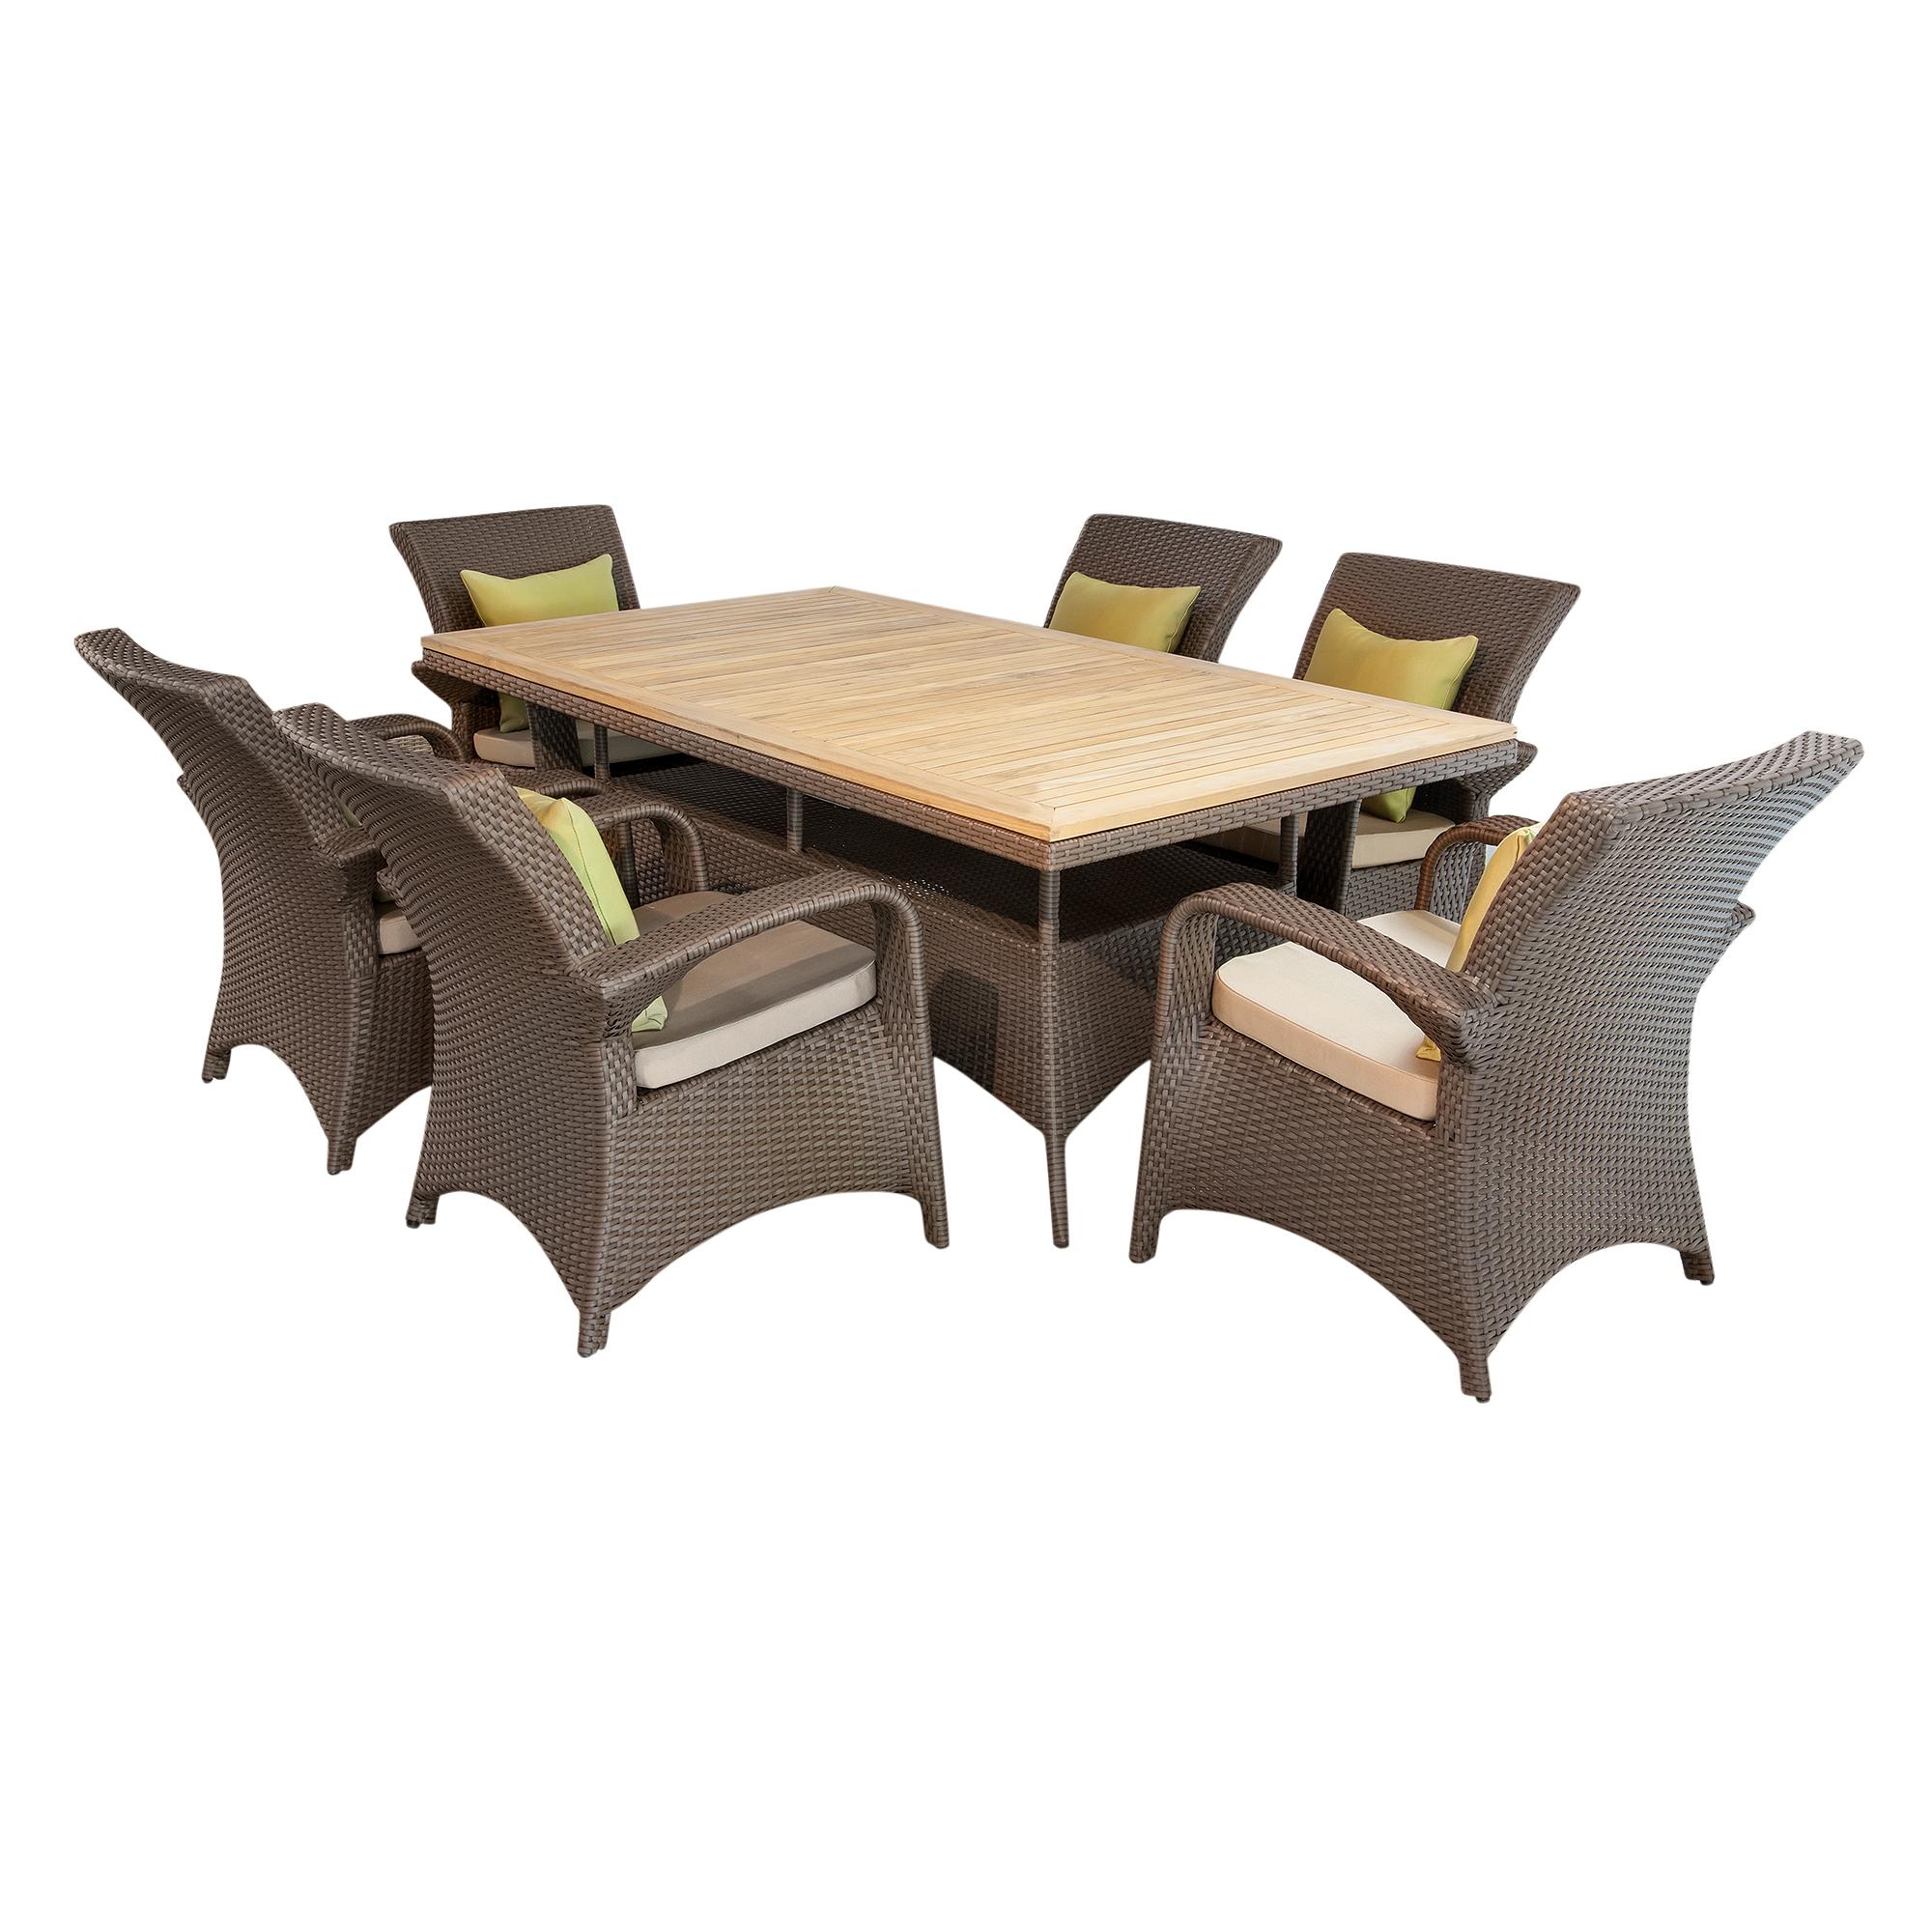 Комплект мебели Derong 7 предметов (DR-3108/DR-3108T/DR-3108C) мебель из ротанга